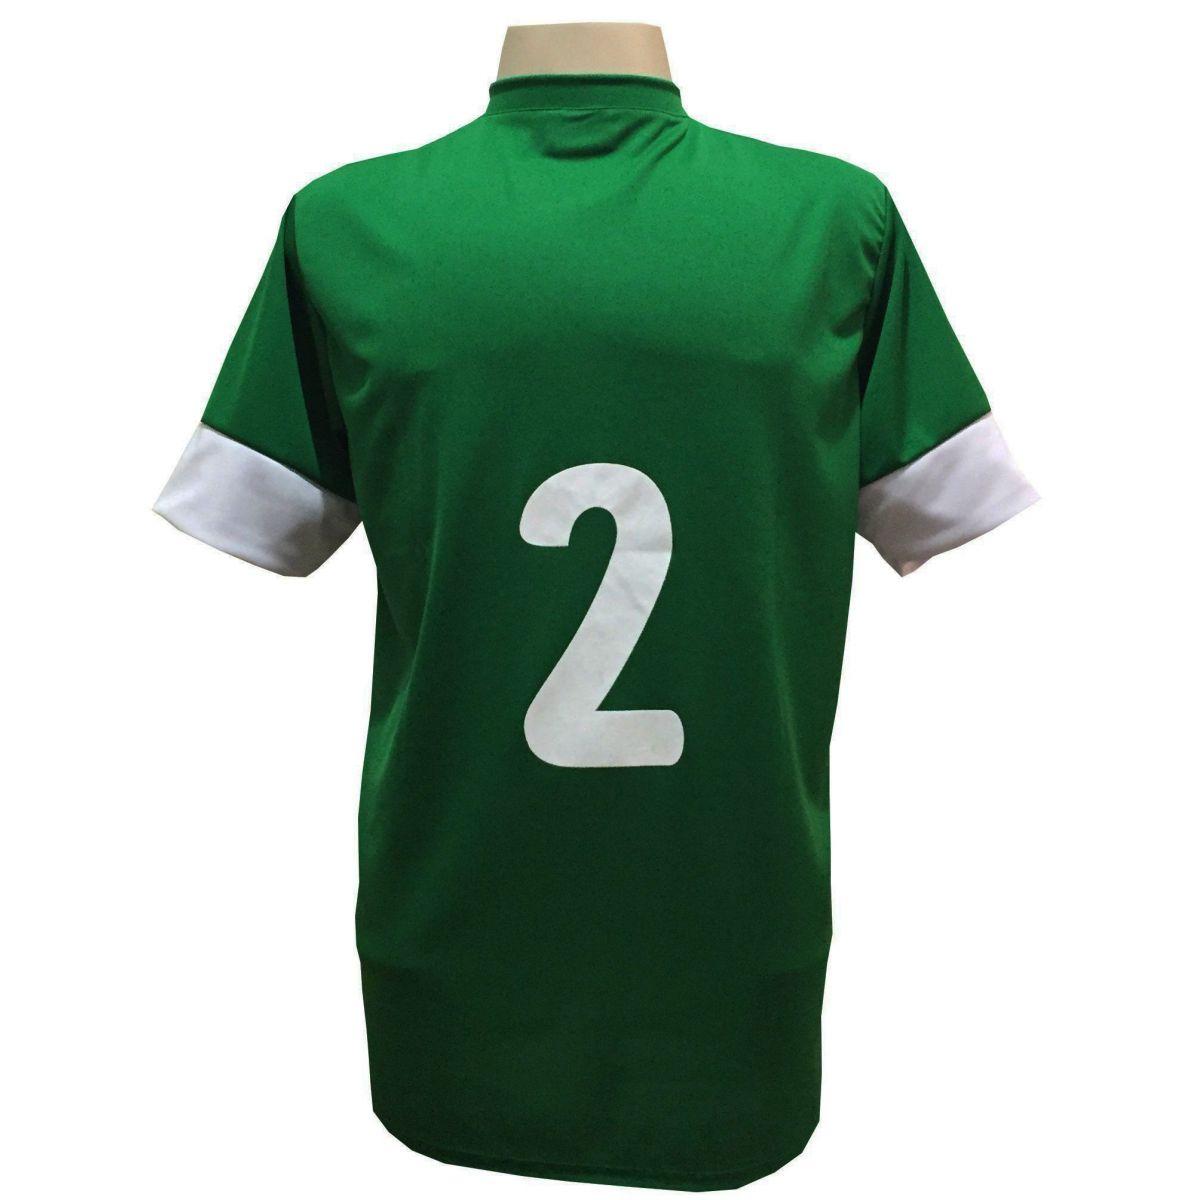 Jogo de Camisa com 18 unidades modelo Columbus Verde/Branco + 1 Goleiro + Brindes